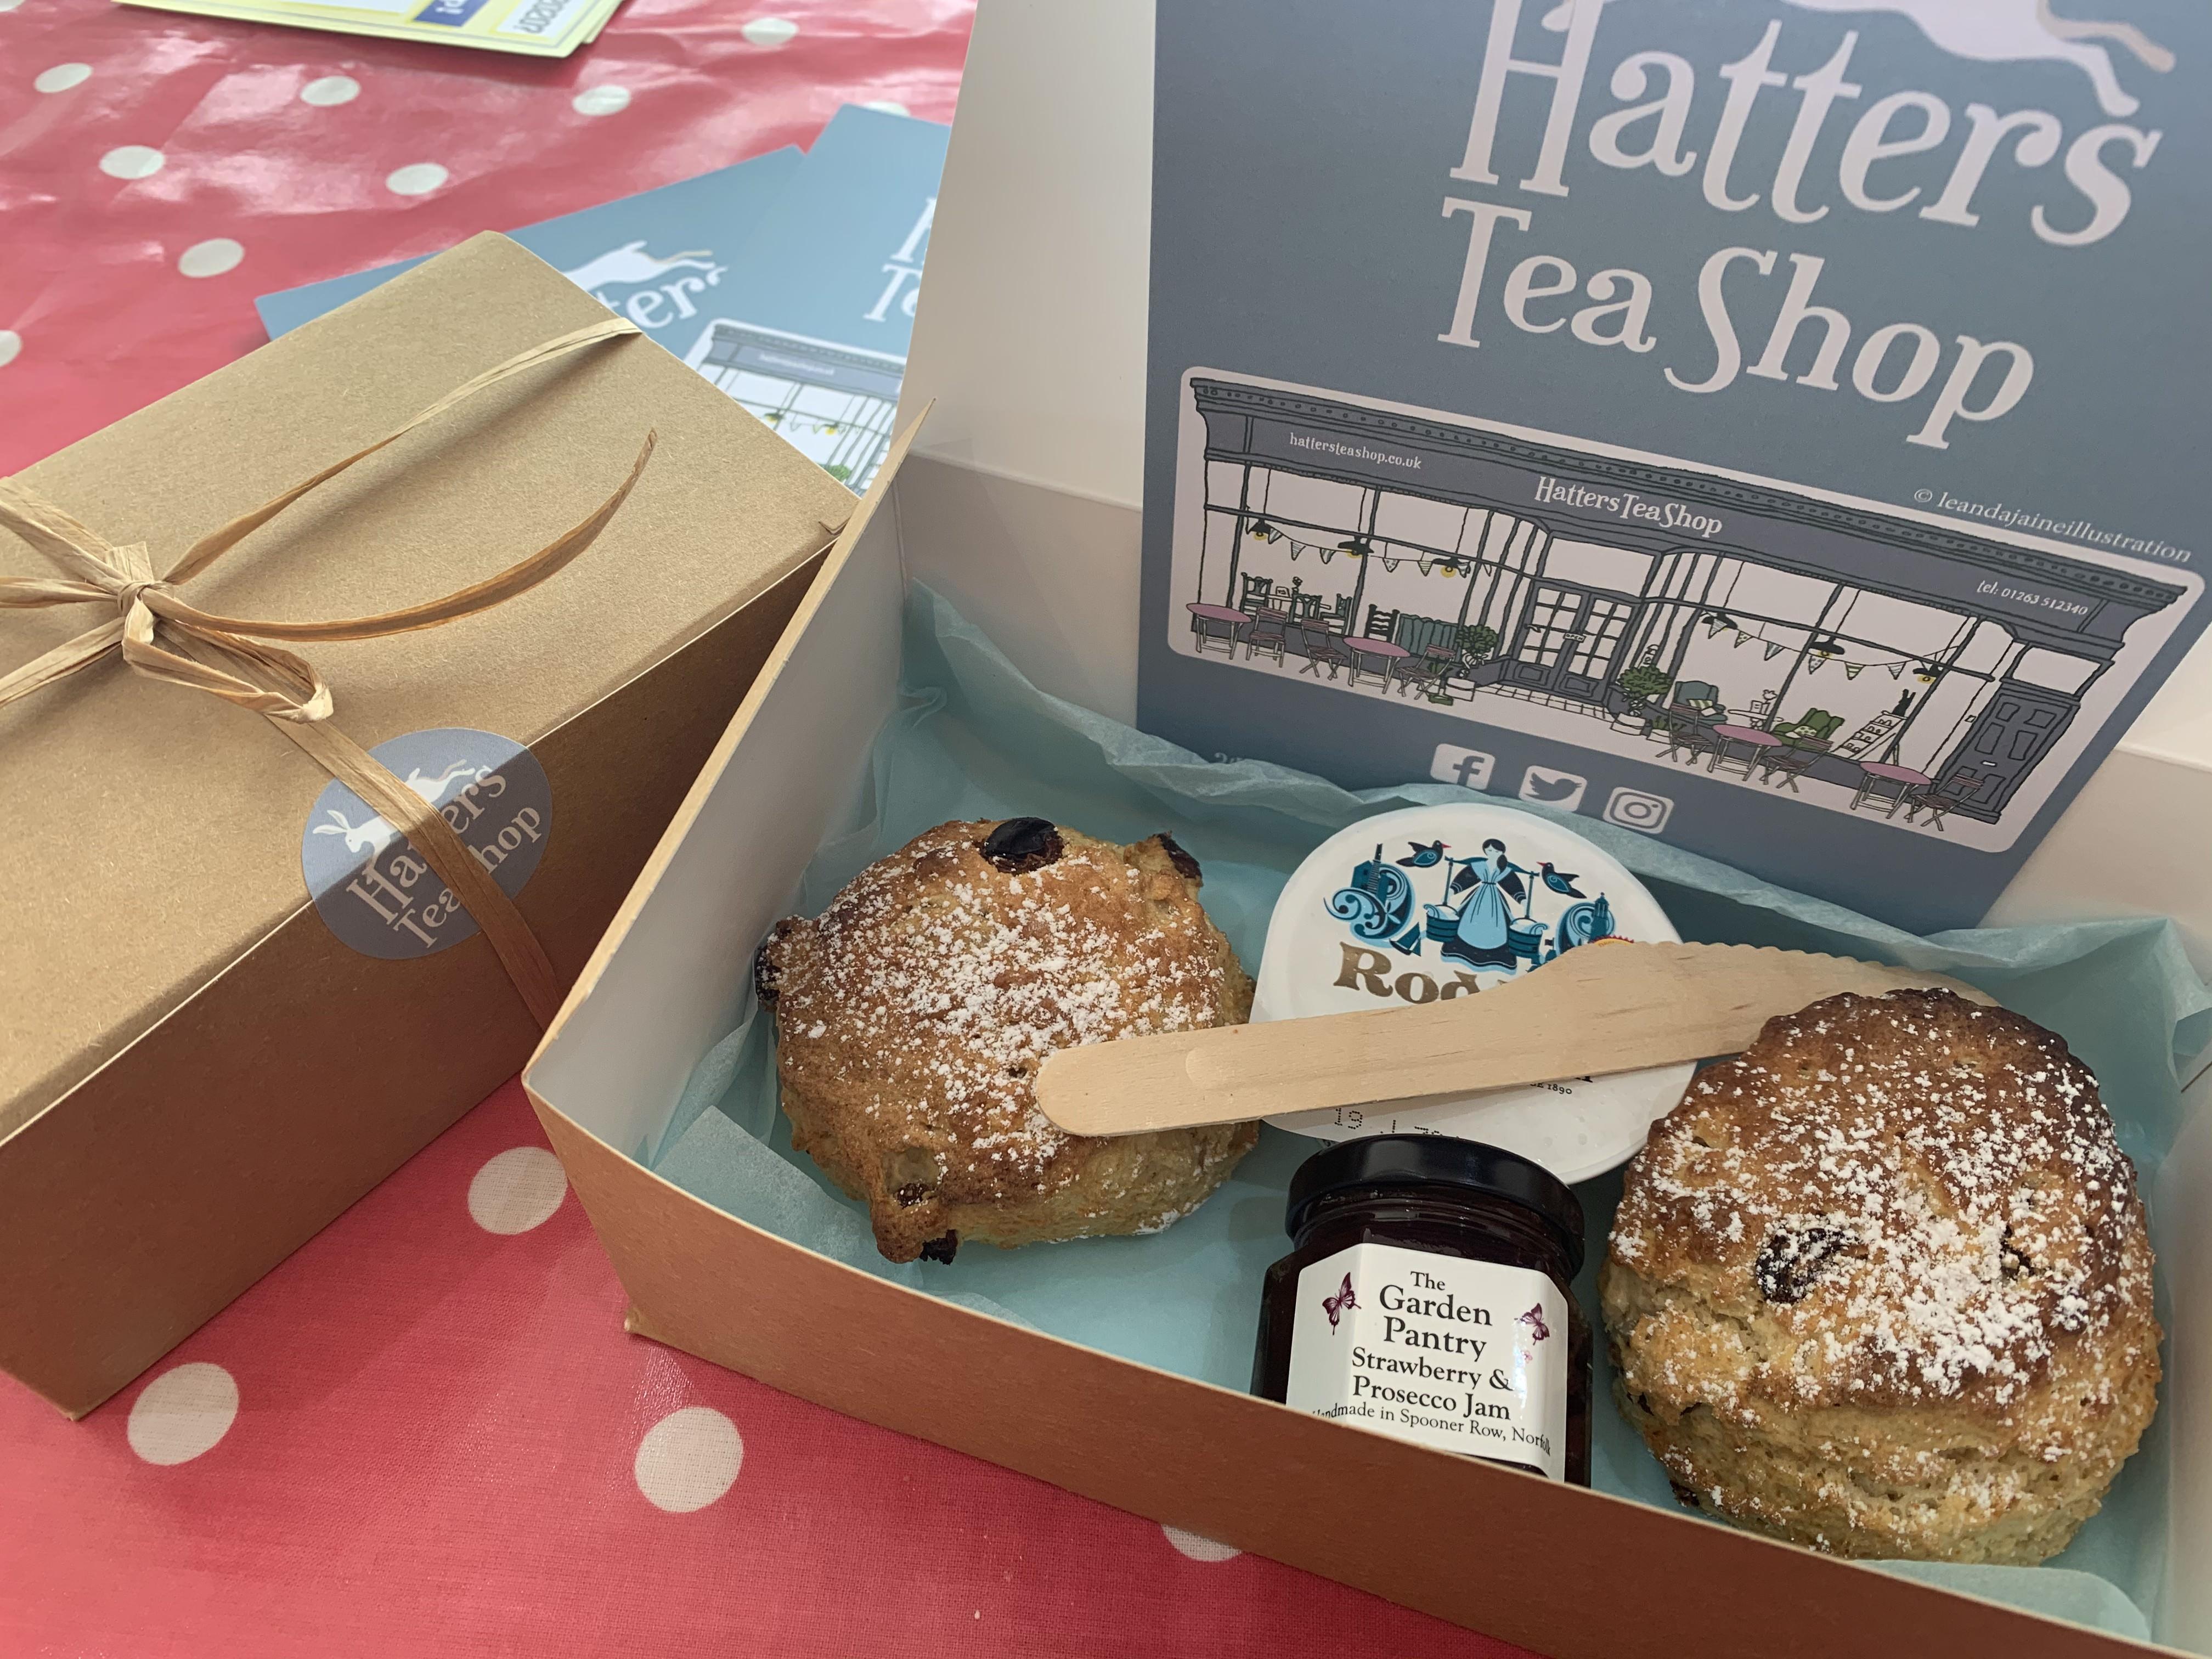 Takeaway Hatters Cream Tea